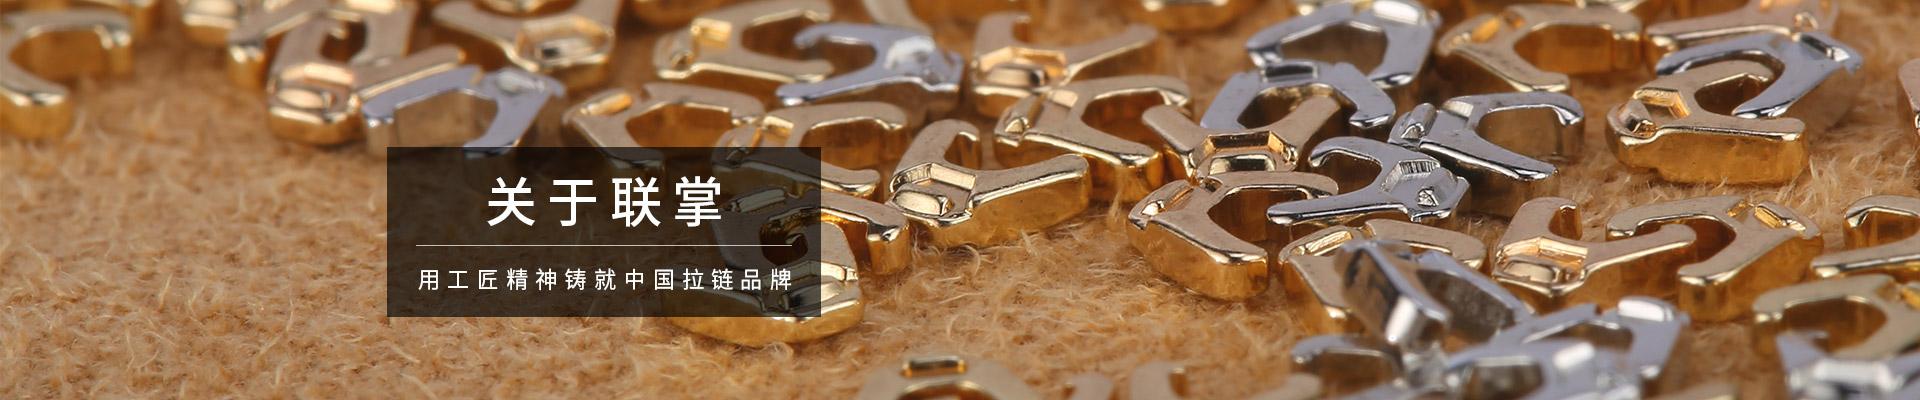 联掌,用工匠精神铸就中国拉链品牌